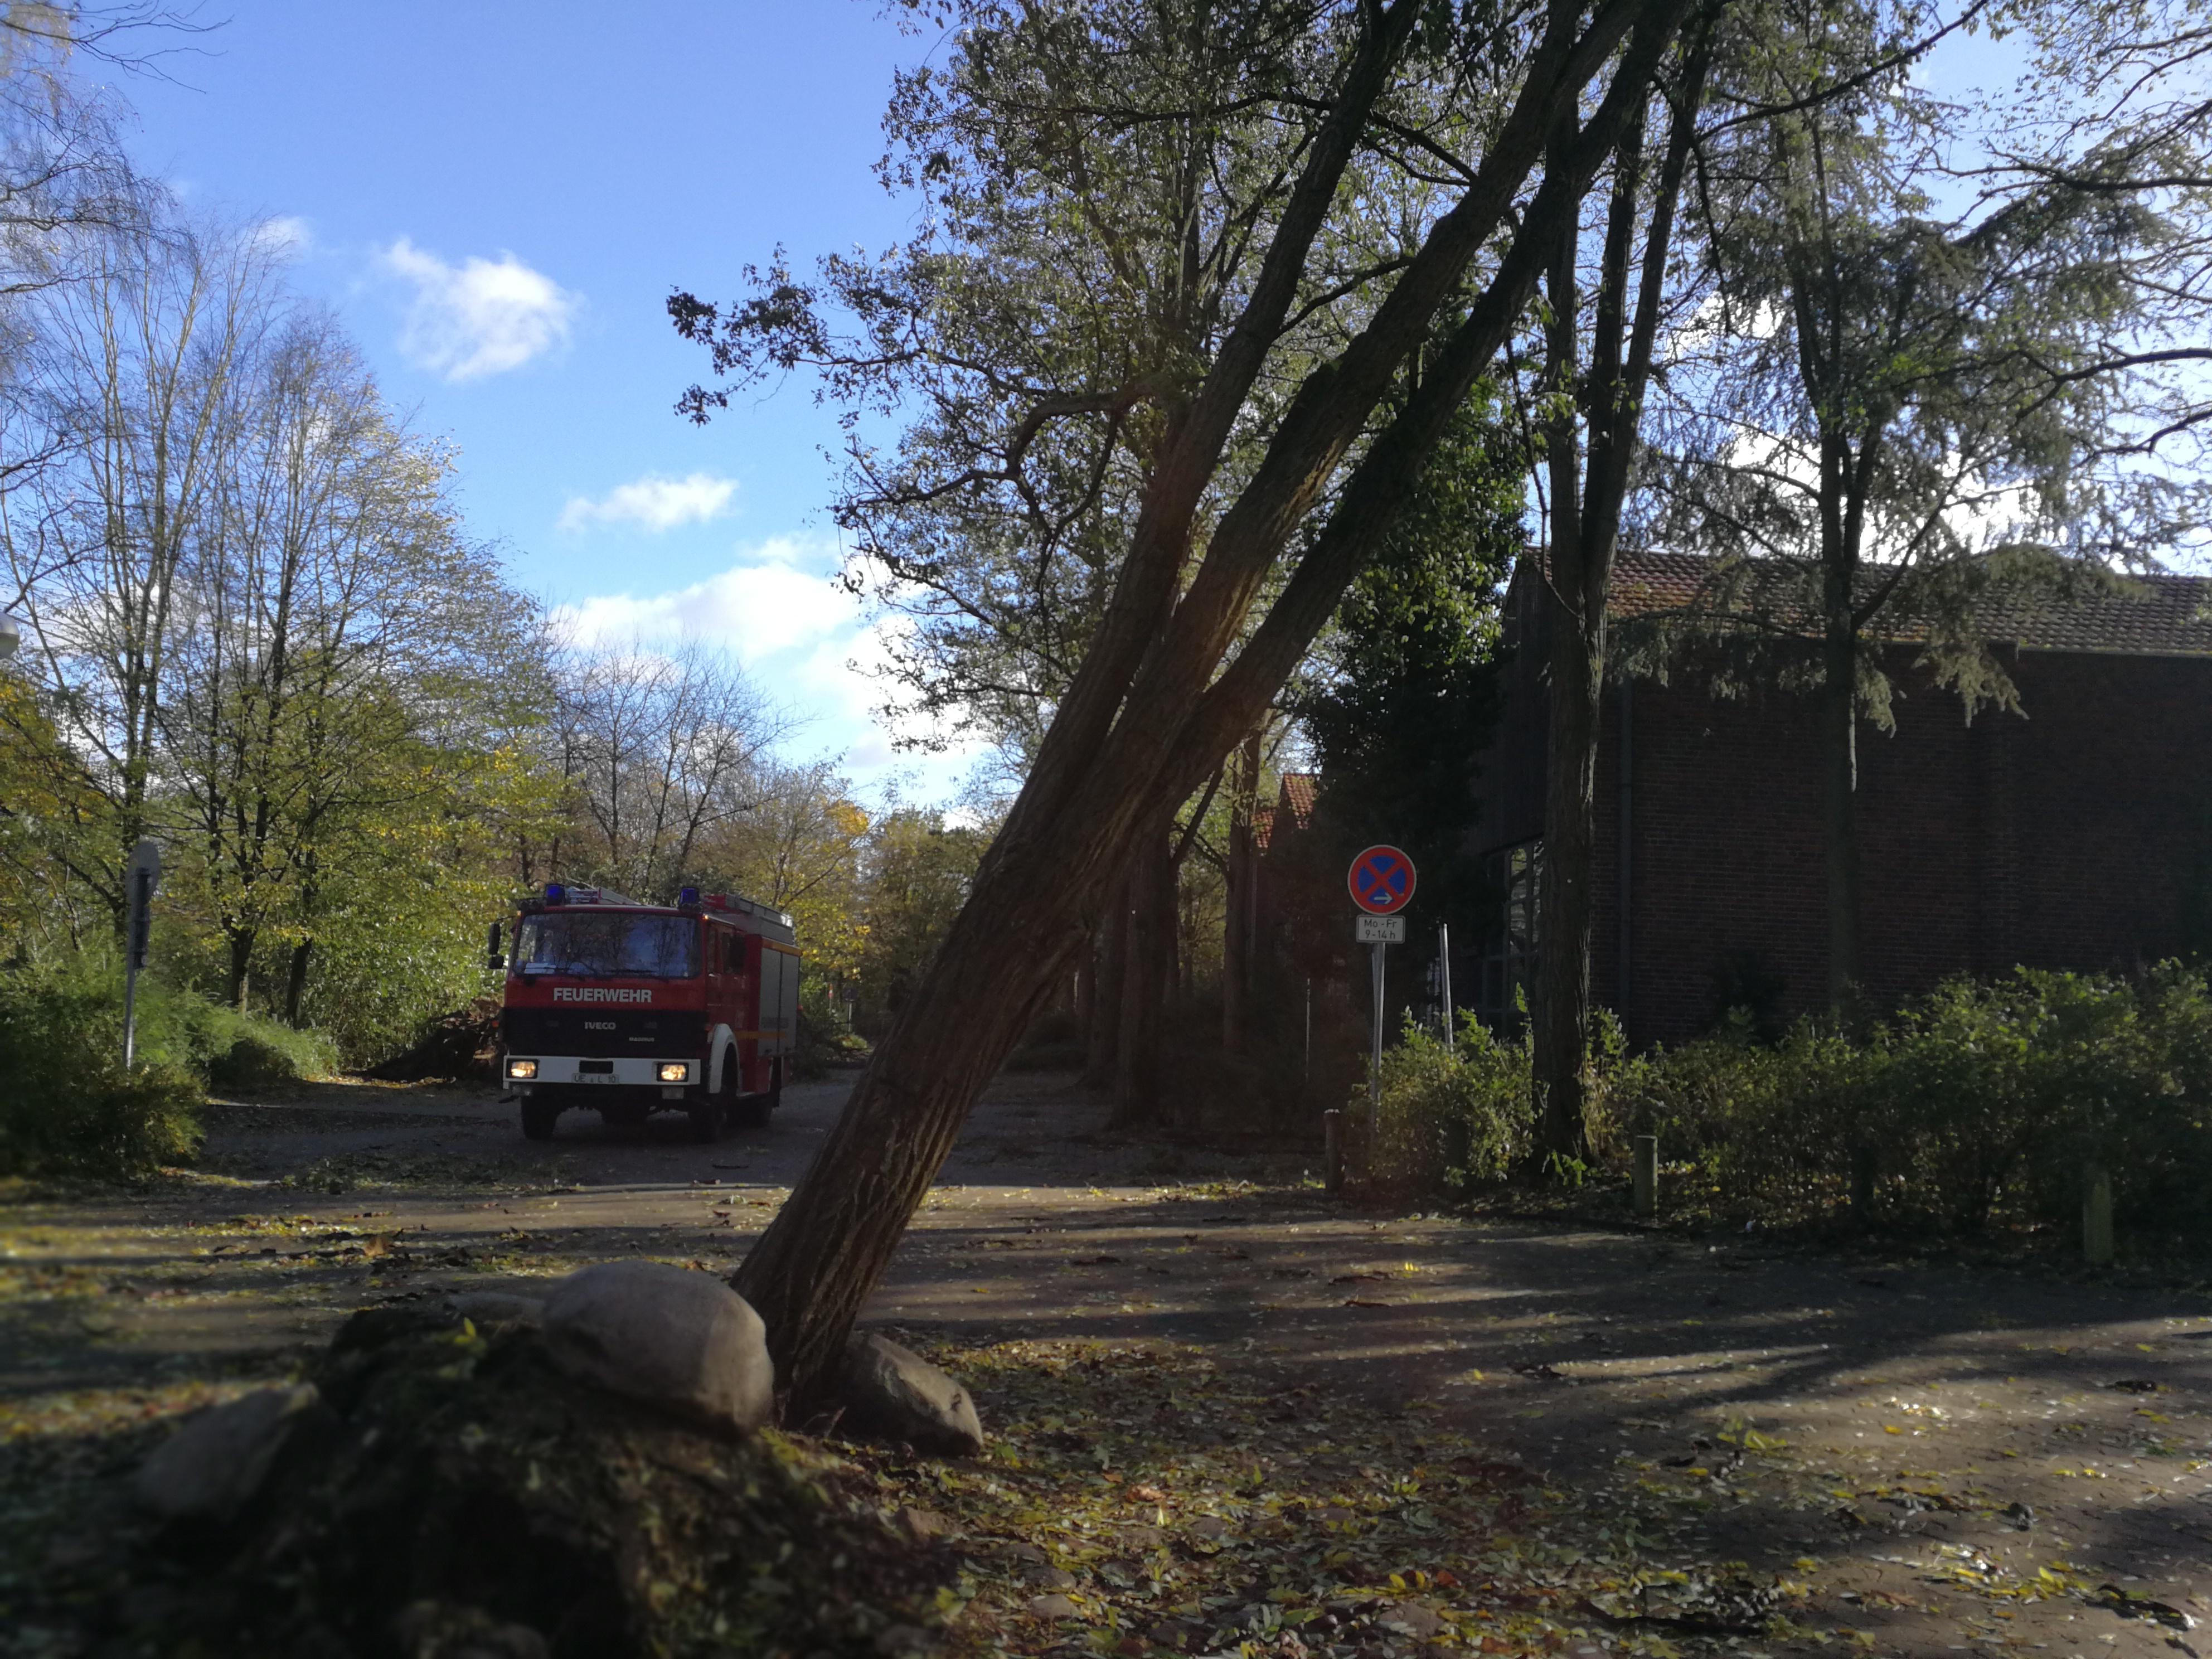 296. Hilfeleistung - - Baum droht auf Straße zu fallen